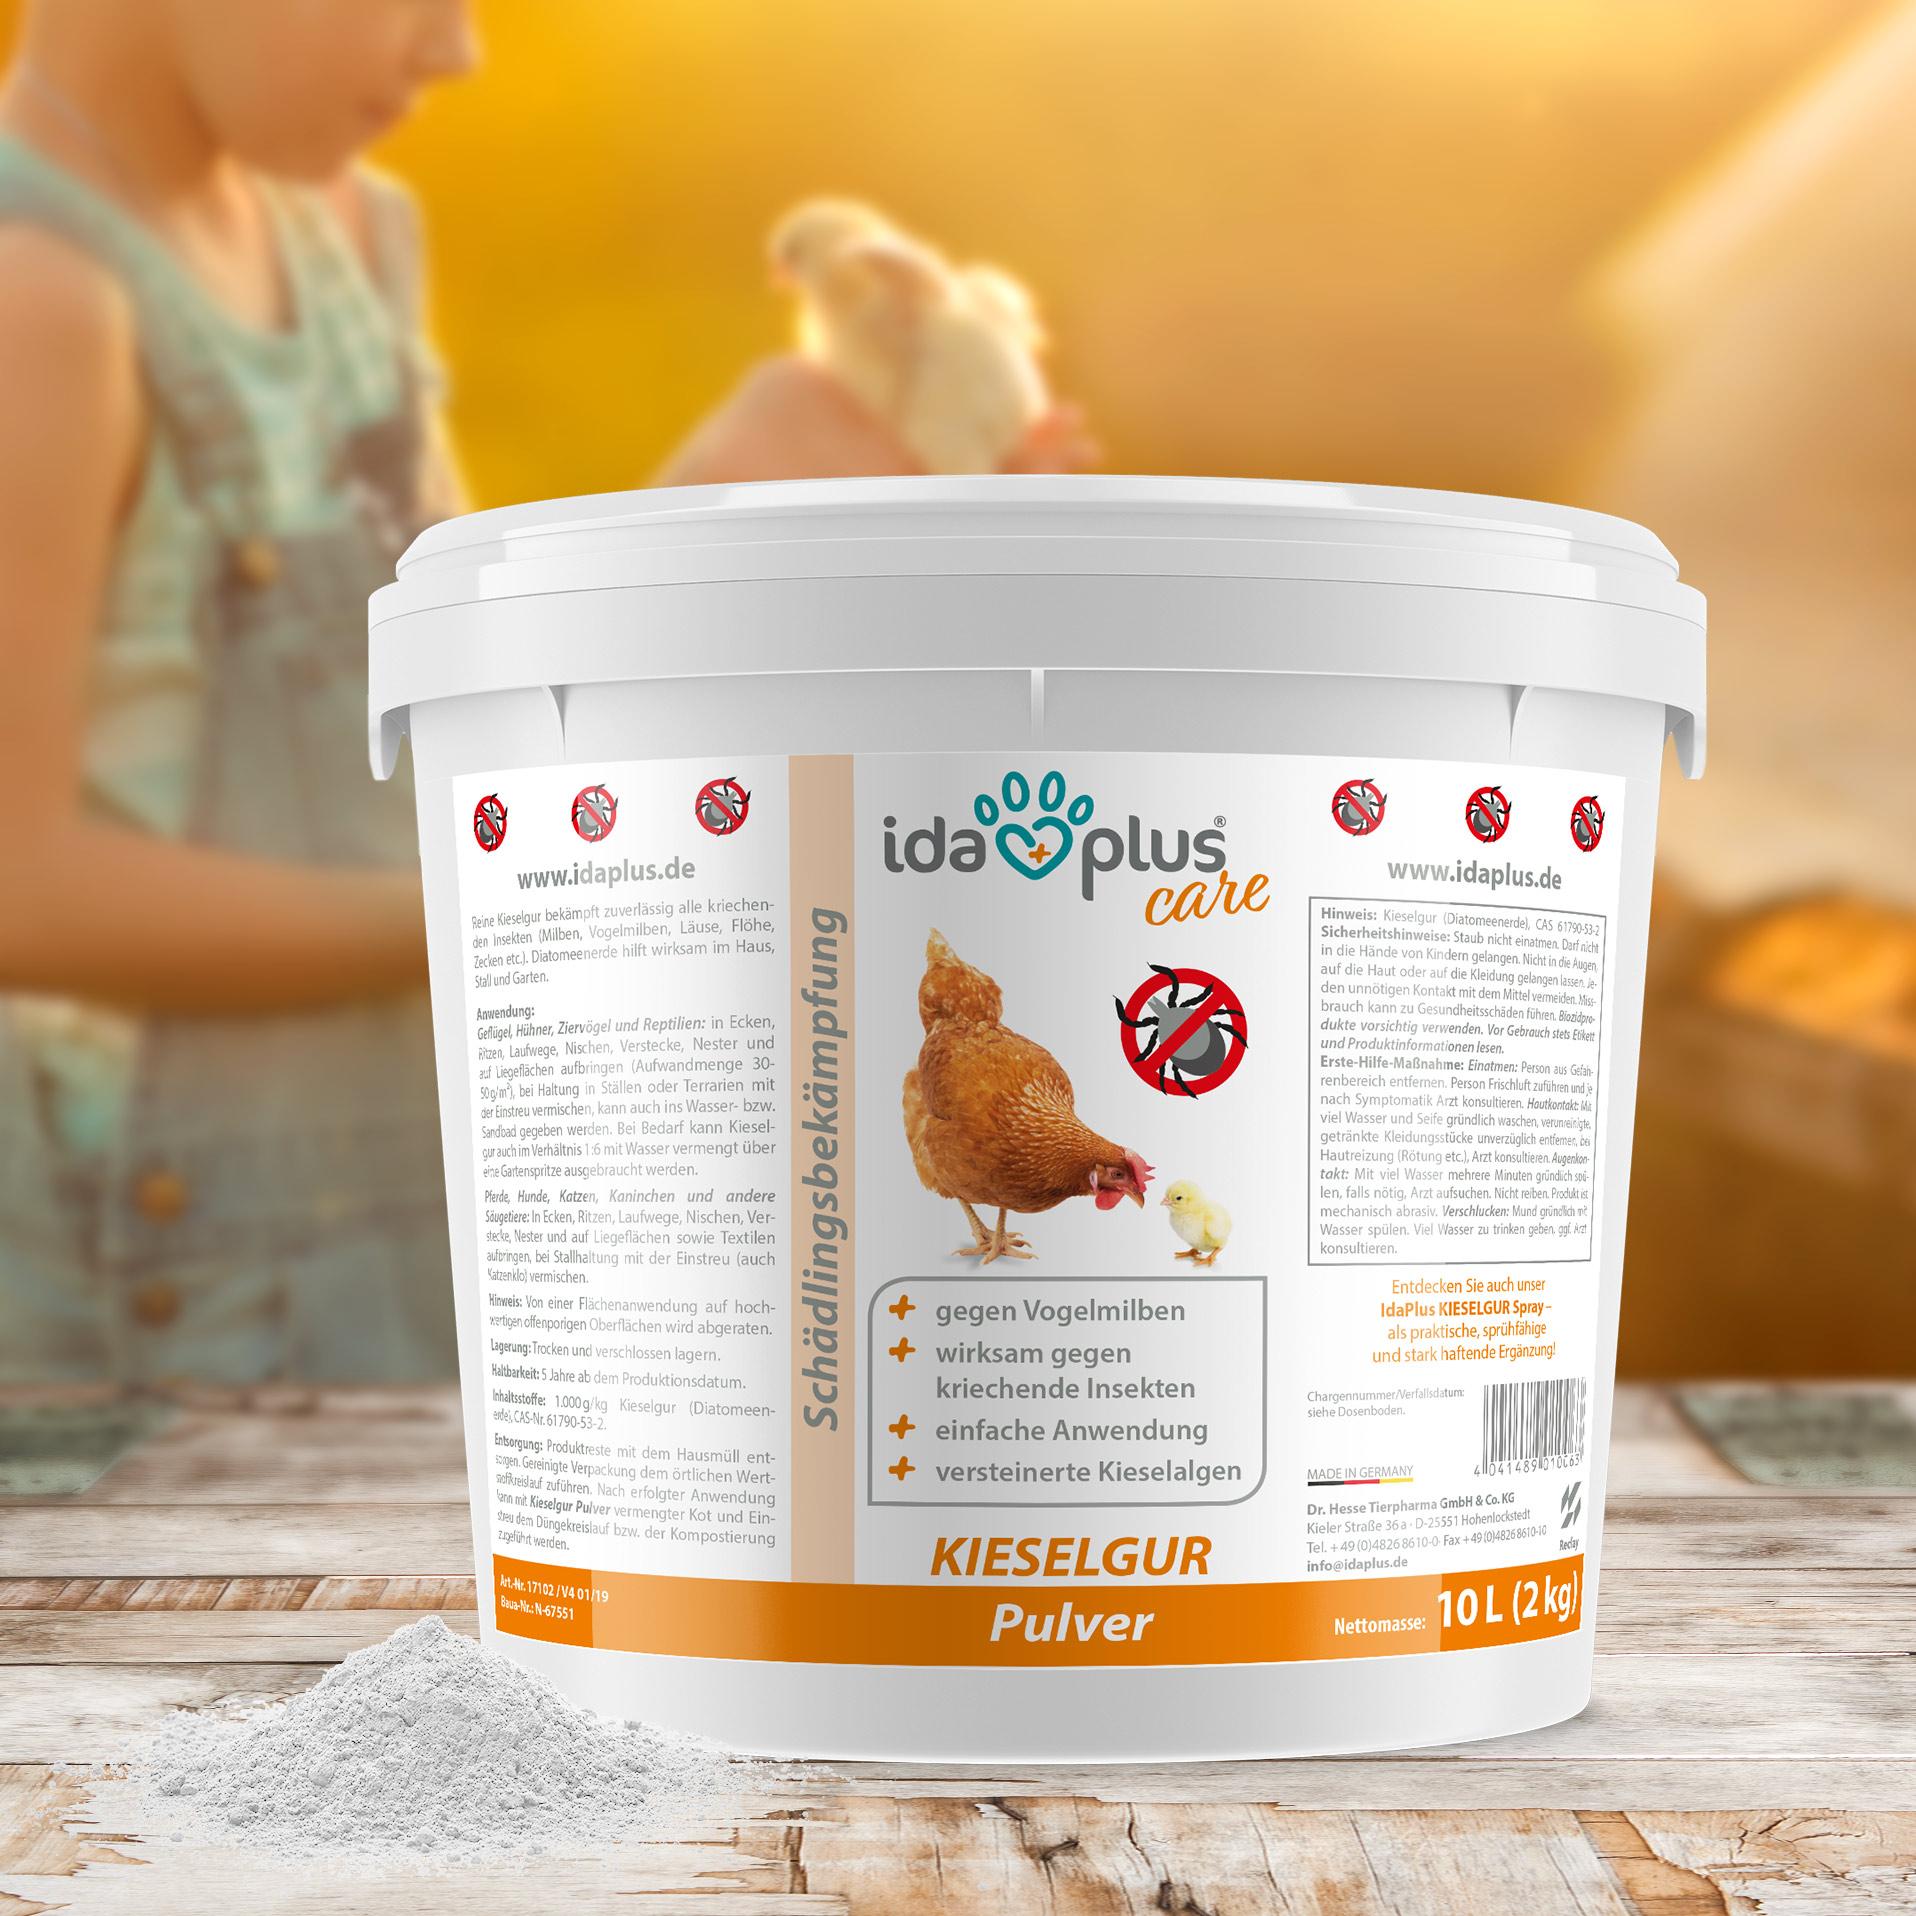 Kieselgur - Kieselerde Pulver - Diatomeenerde als Mittel gegen Vogelmilben - 2 Kg